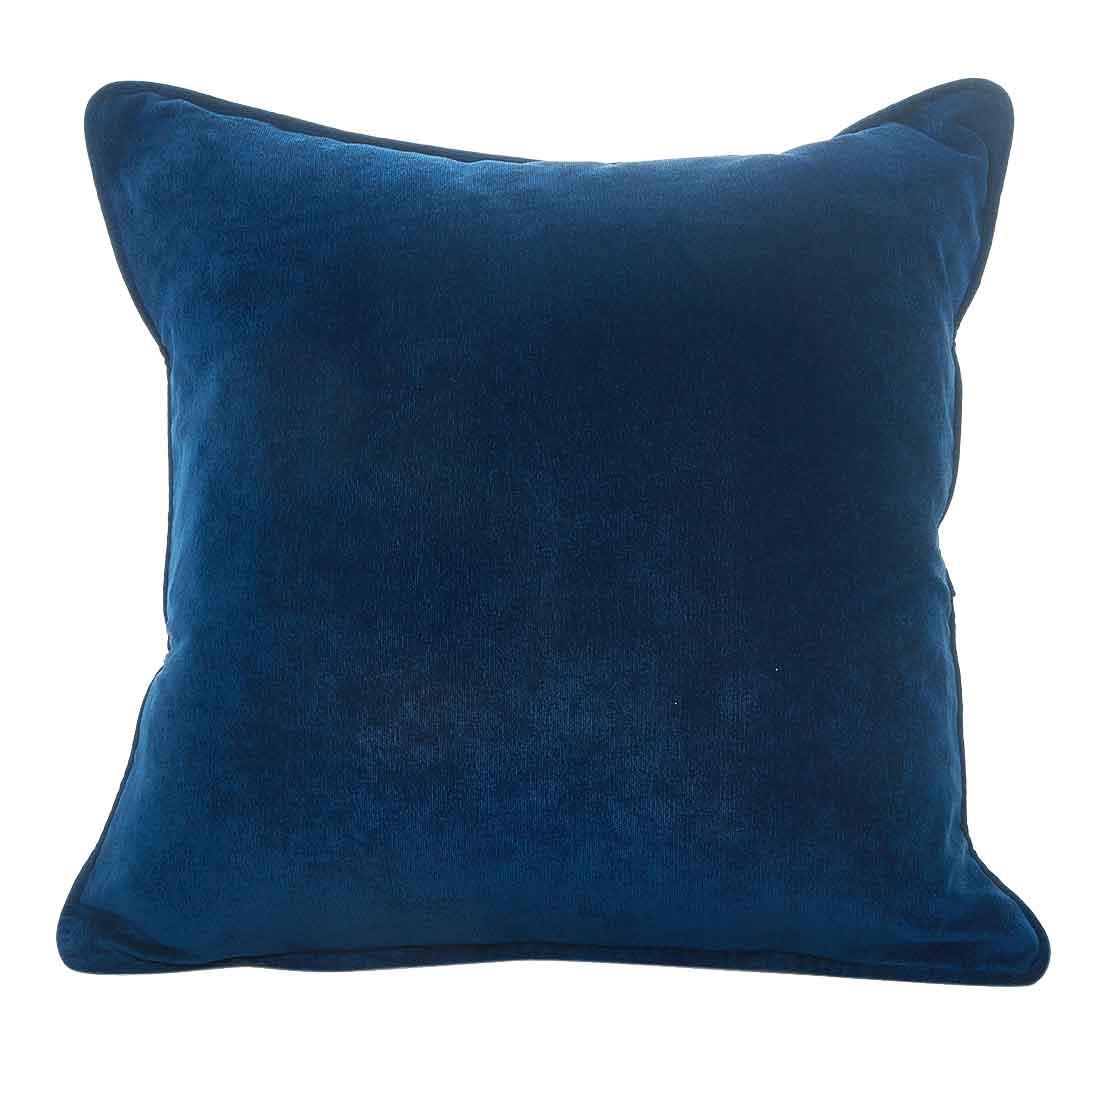 Rib Velour Soft Navy Cushion